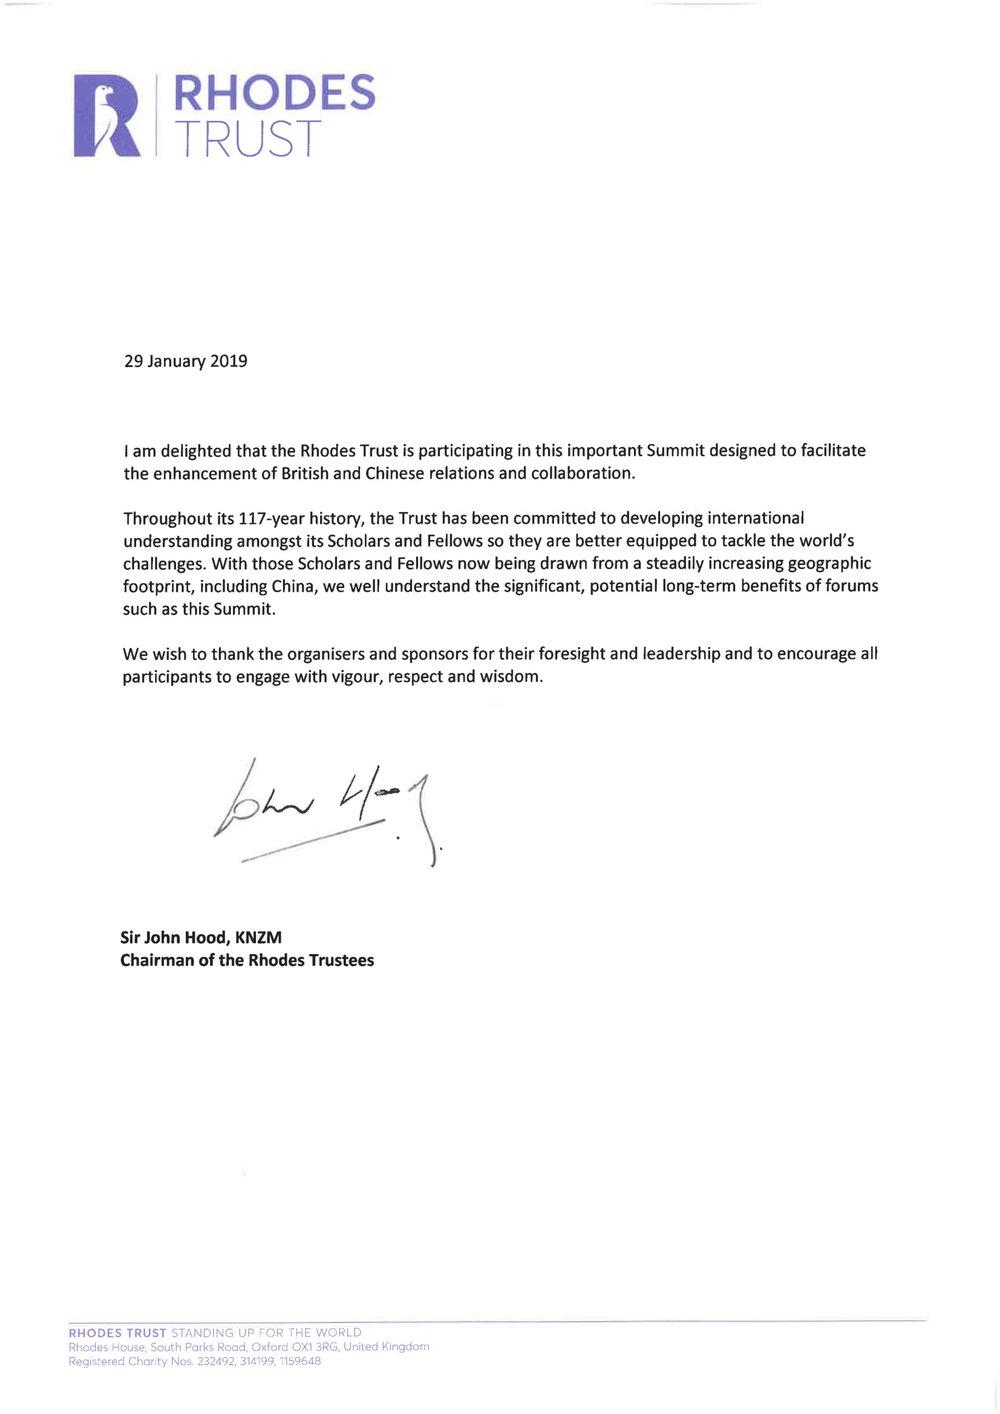 Sir John Hood - Letter of Support-1.jpg